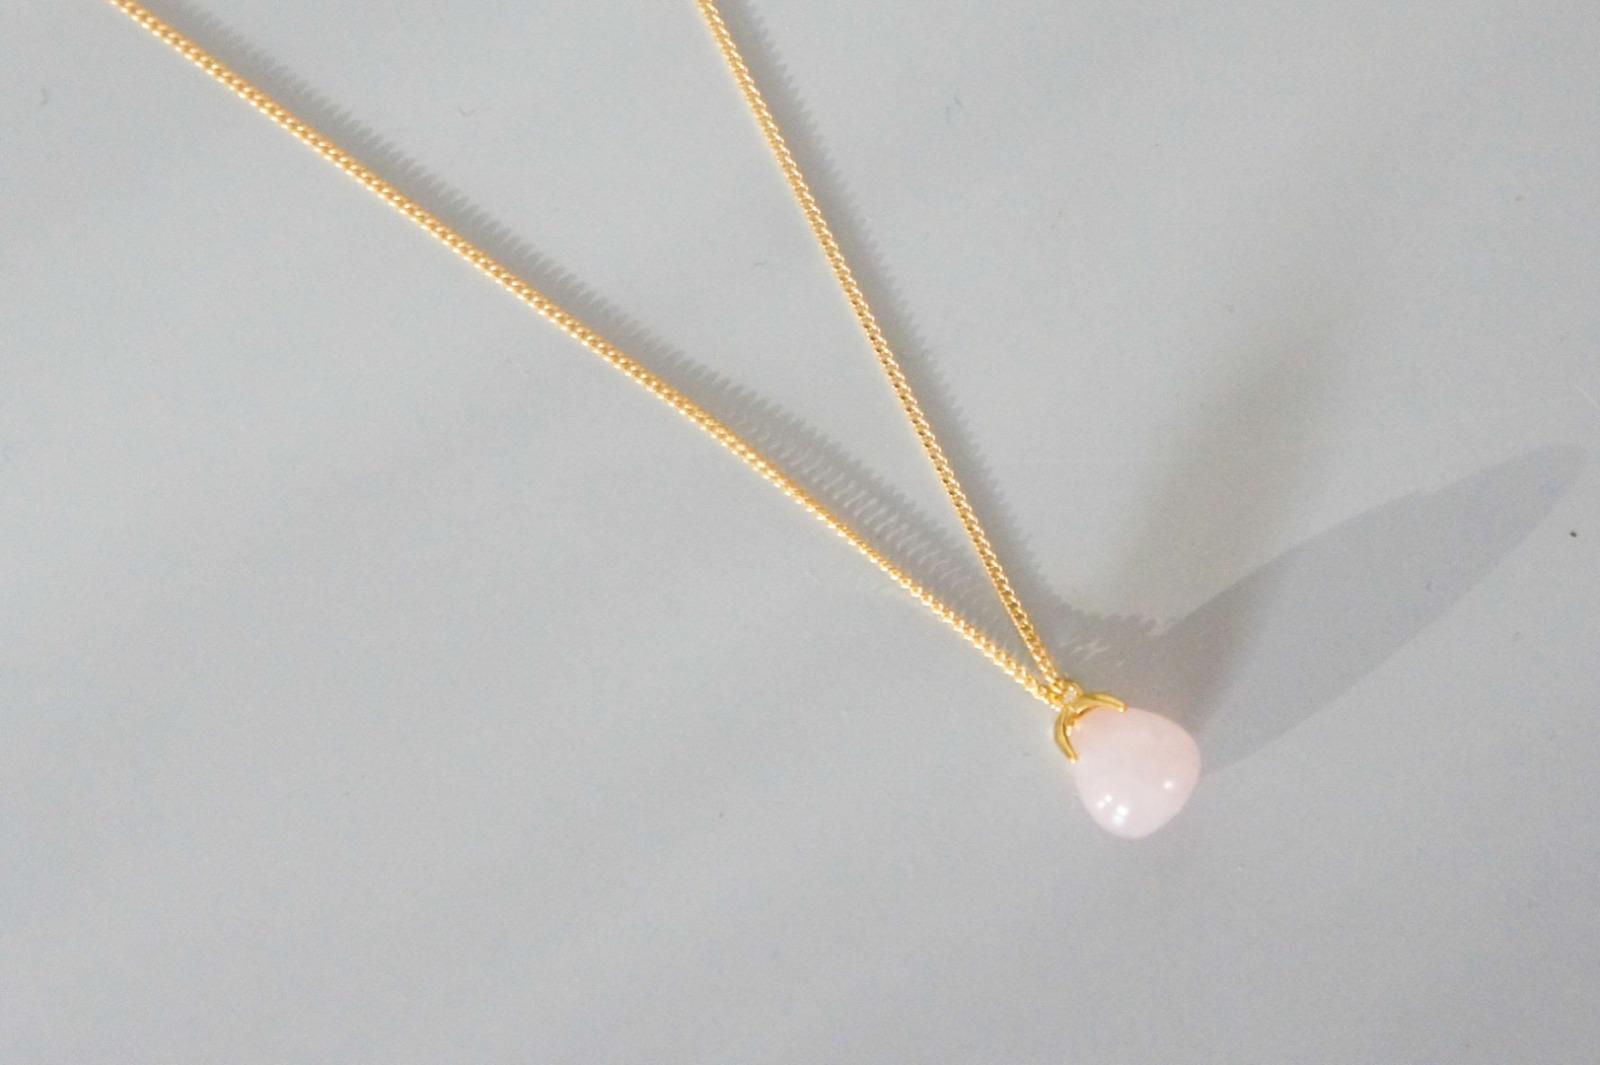 Kabelkette vergoldet mit Anhänger aus Rosenquarz